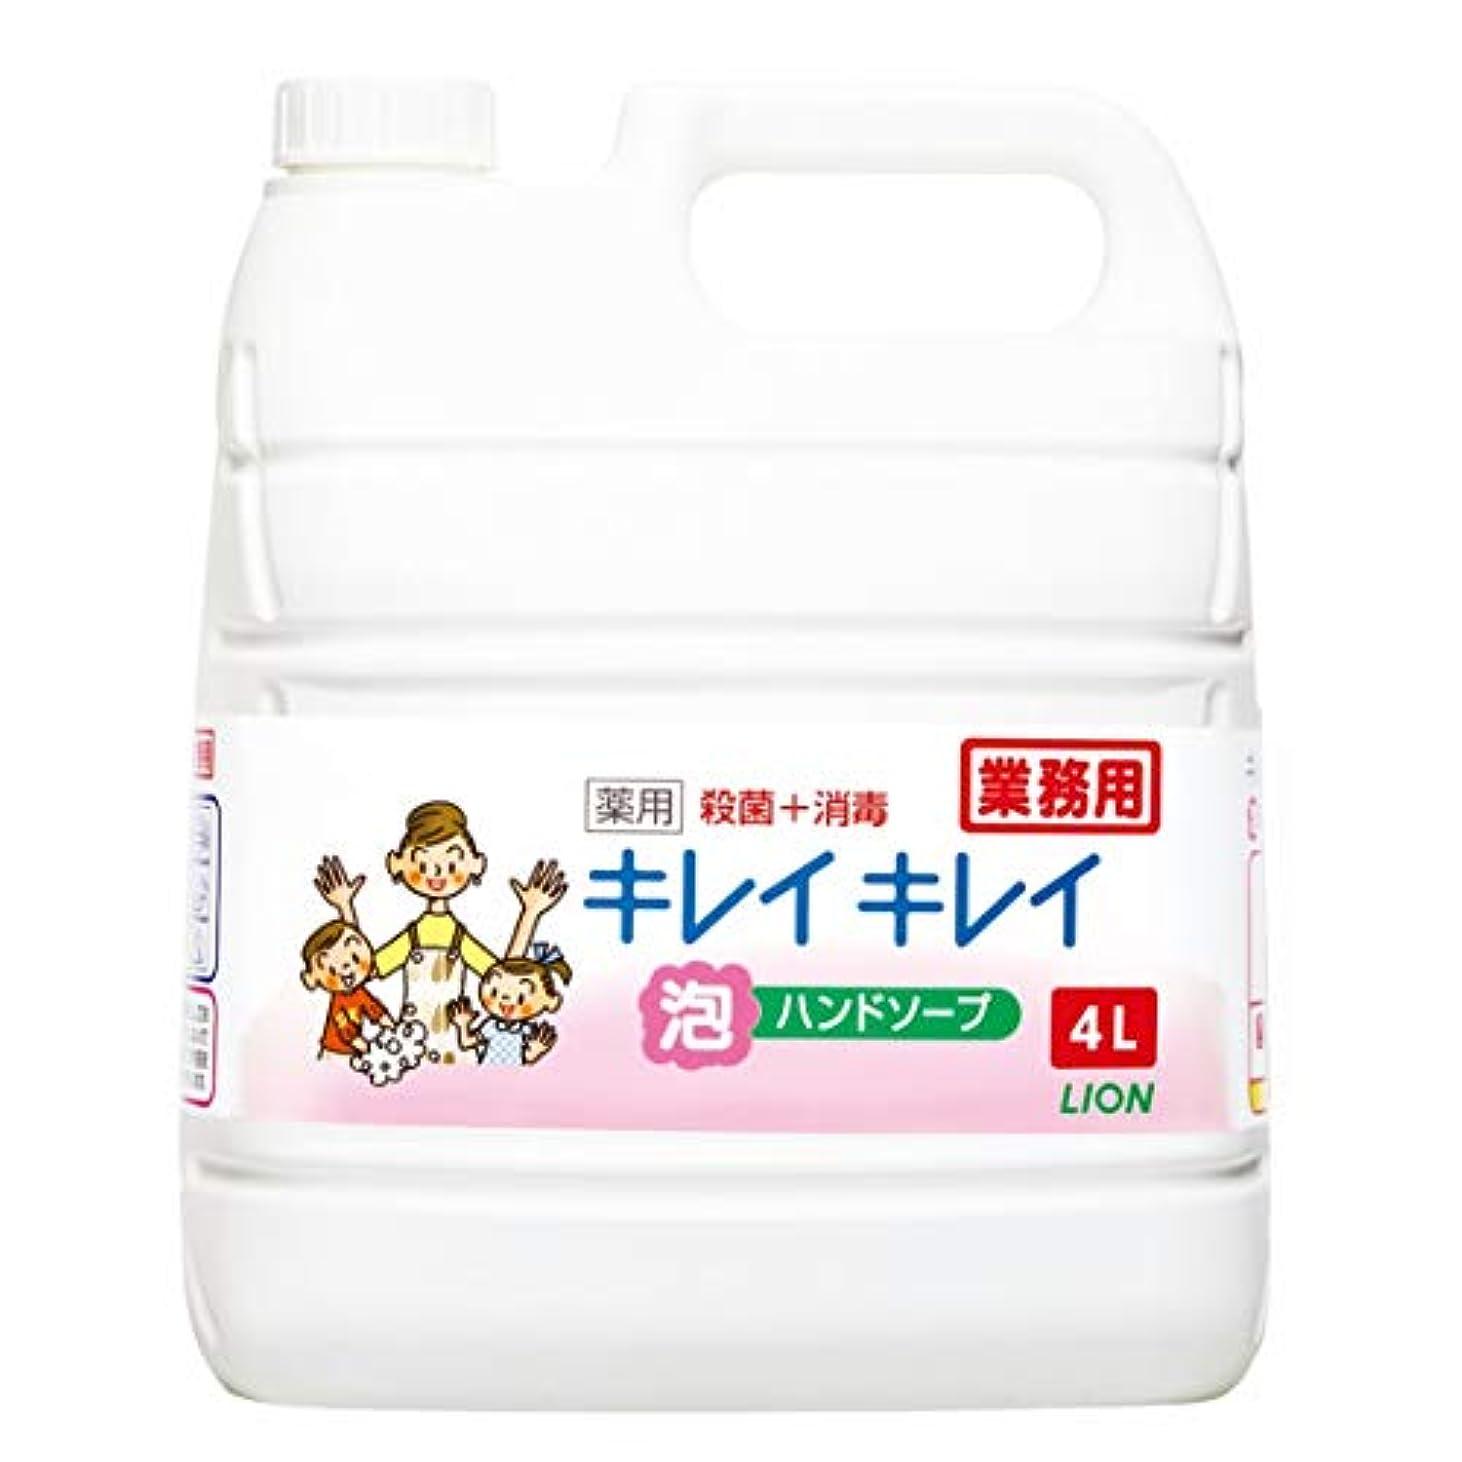 赤有利議会【業務用 大容量】キレイキレイ 薬用 泡ハンドソープ シトラスフルーティの香り 4L(医薬部外品)